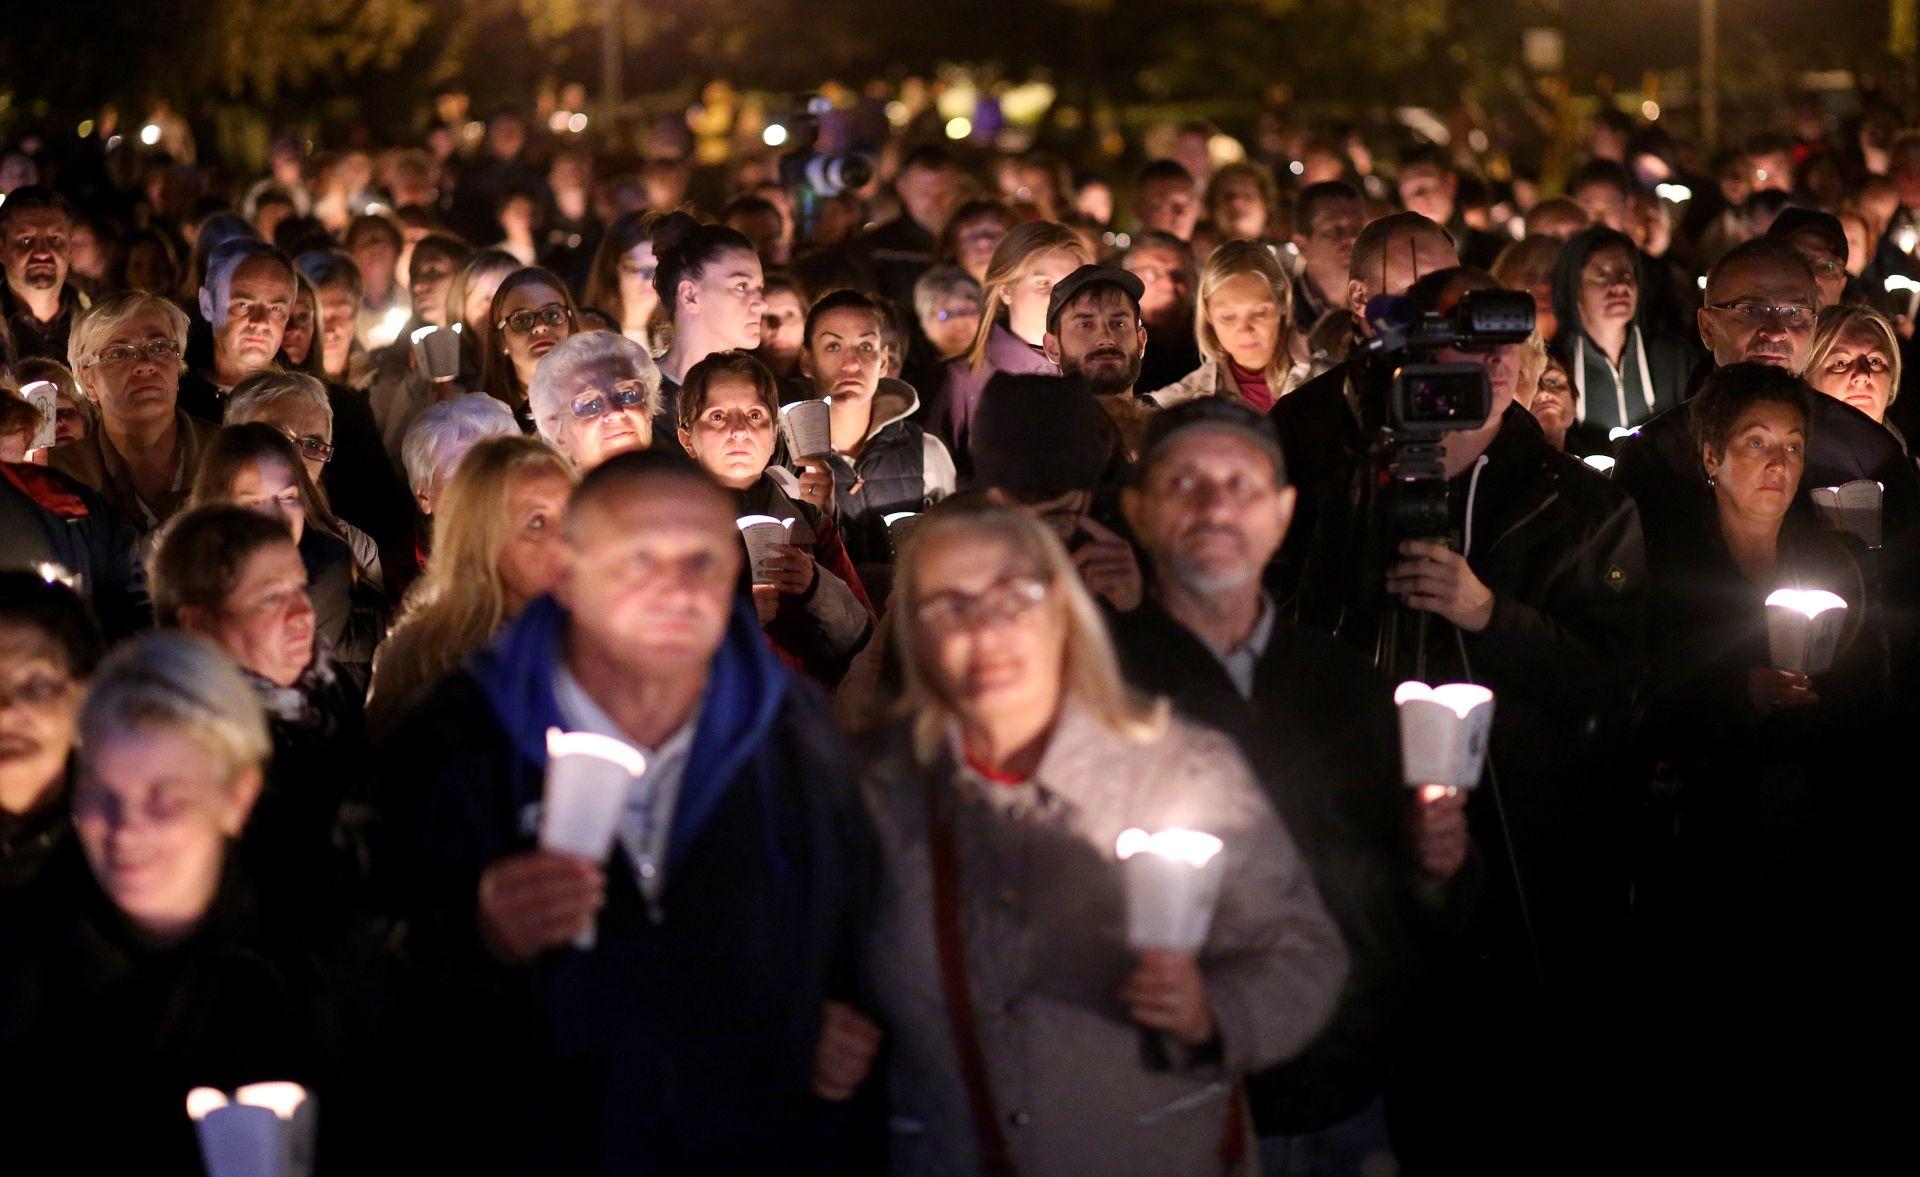 SKUP NA TRNJANSKOJ SAVICI: Vjernici zagrebačke Savice molili za izgradnju crkve u dijelu parka